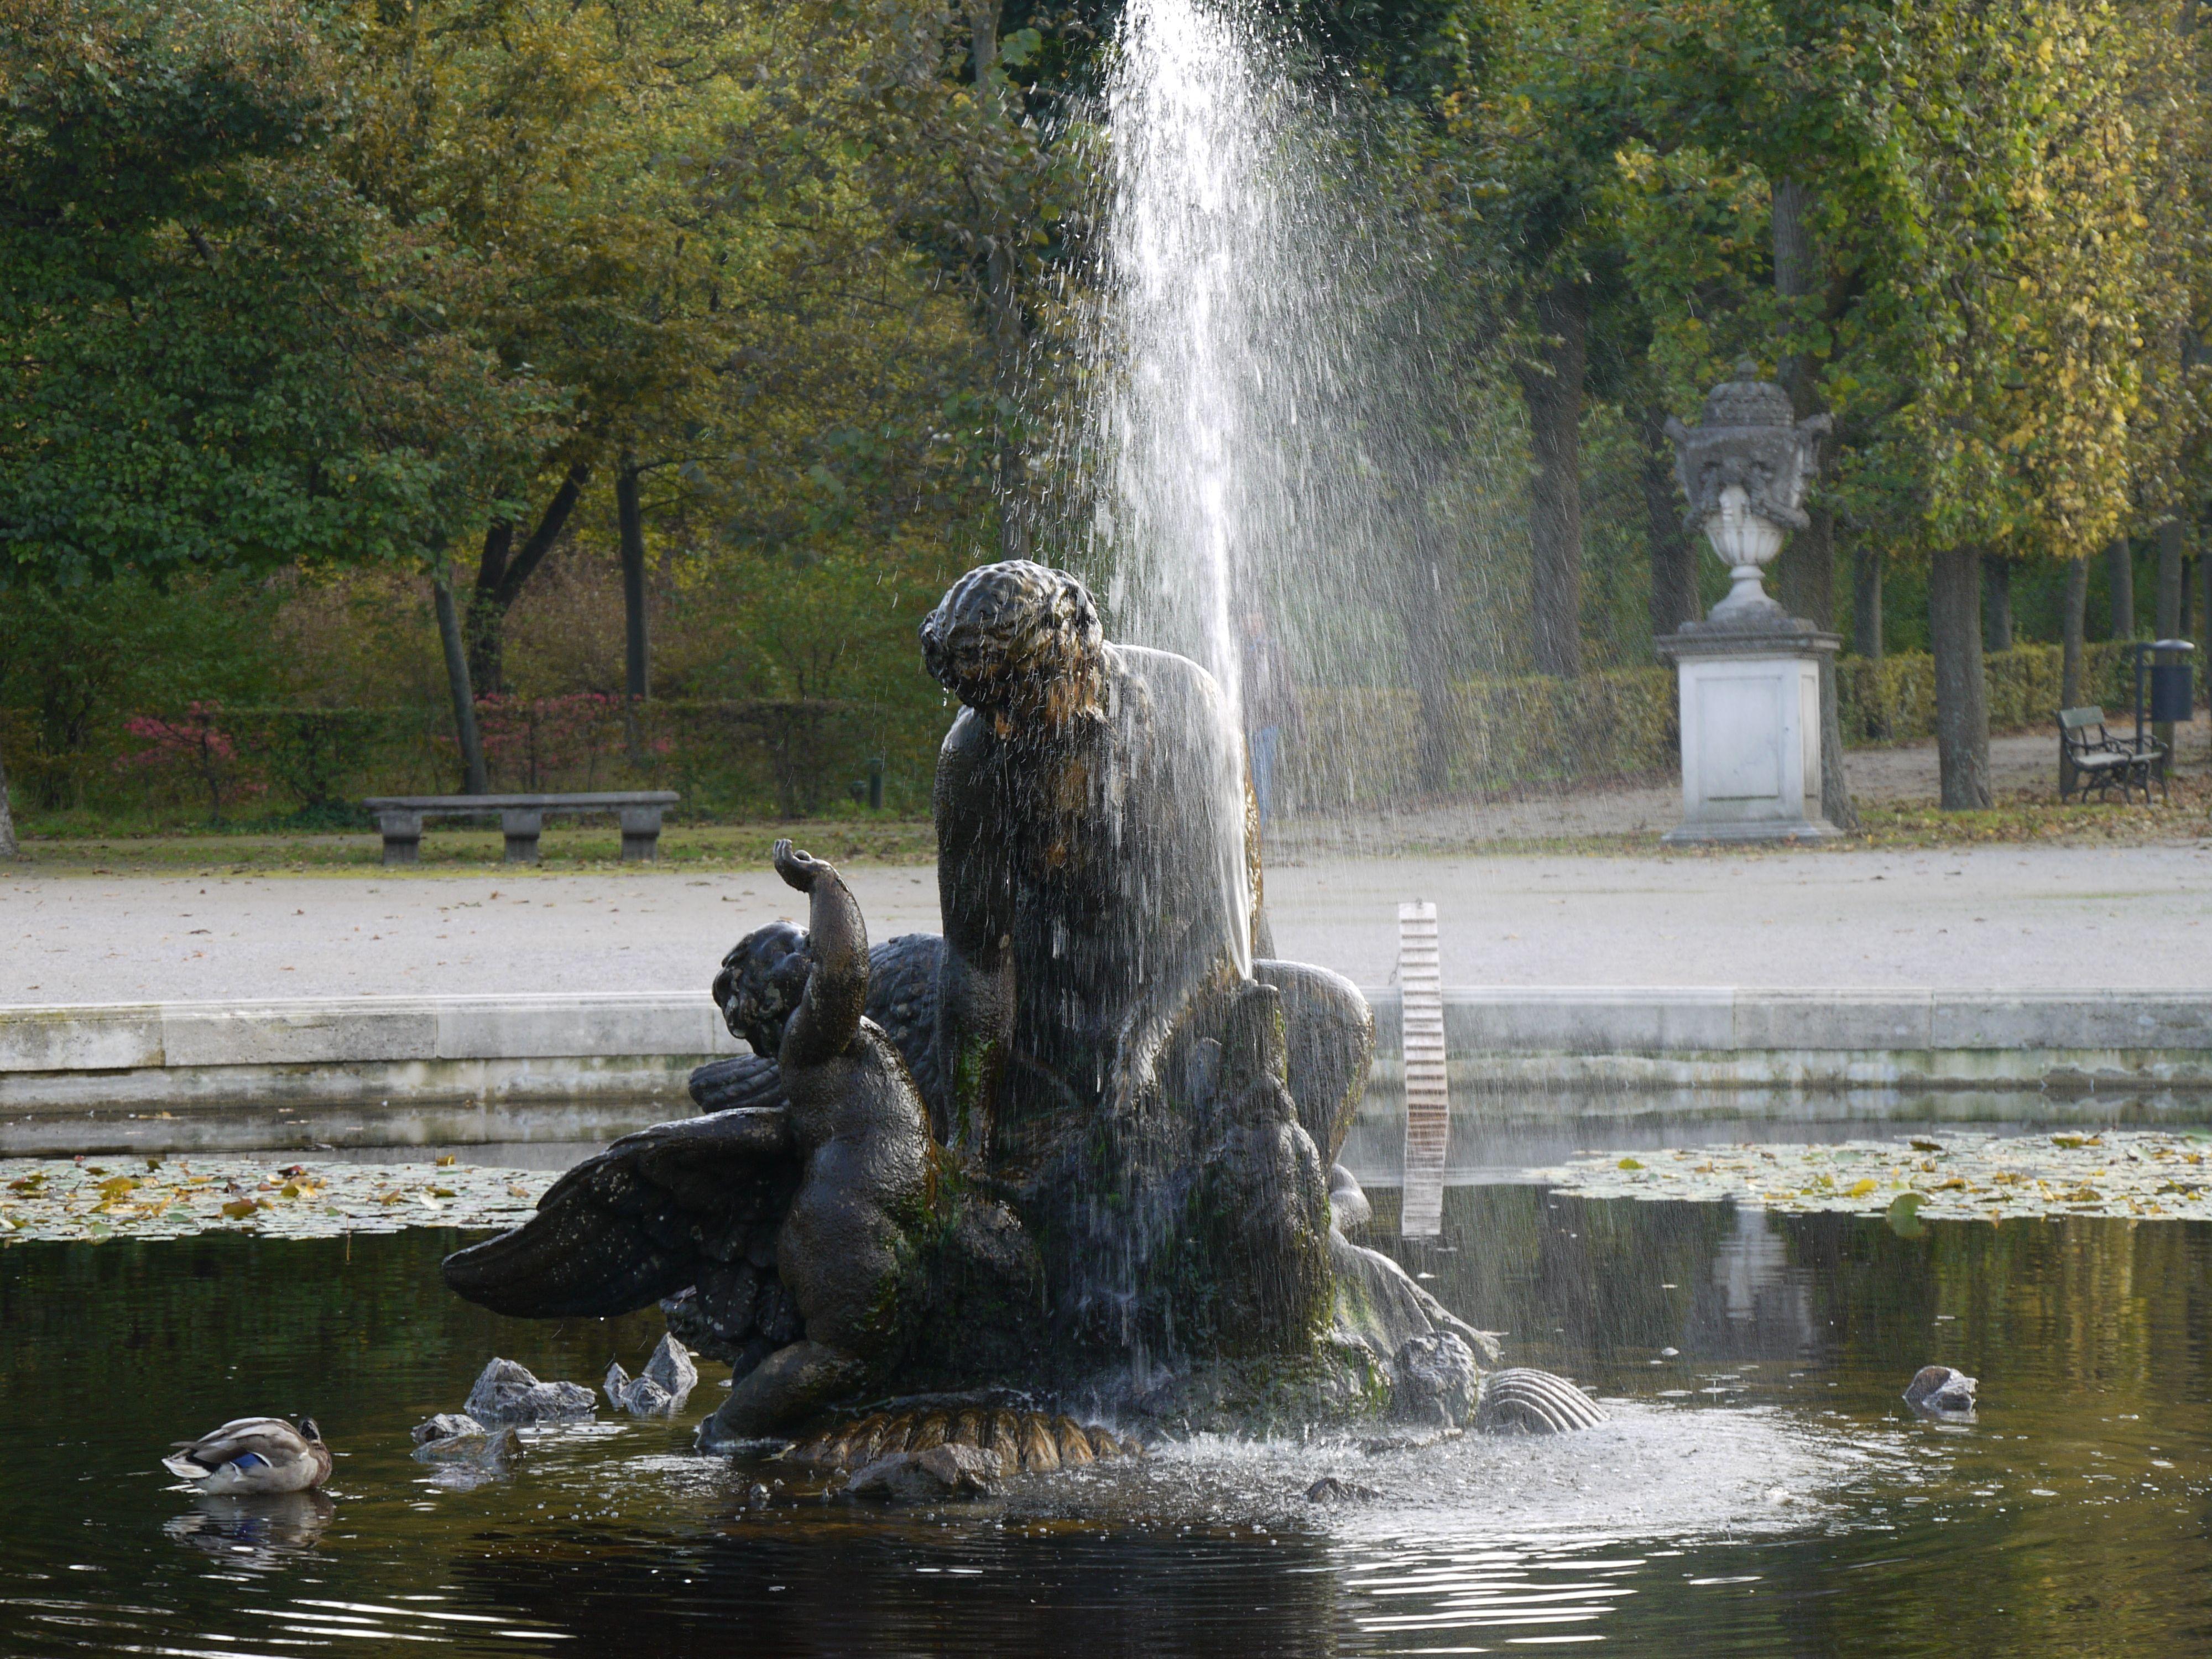 Najadenbassin Hietzing Wien Schlosspark Schonbrunn Schloss